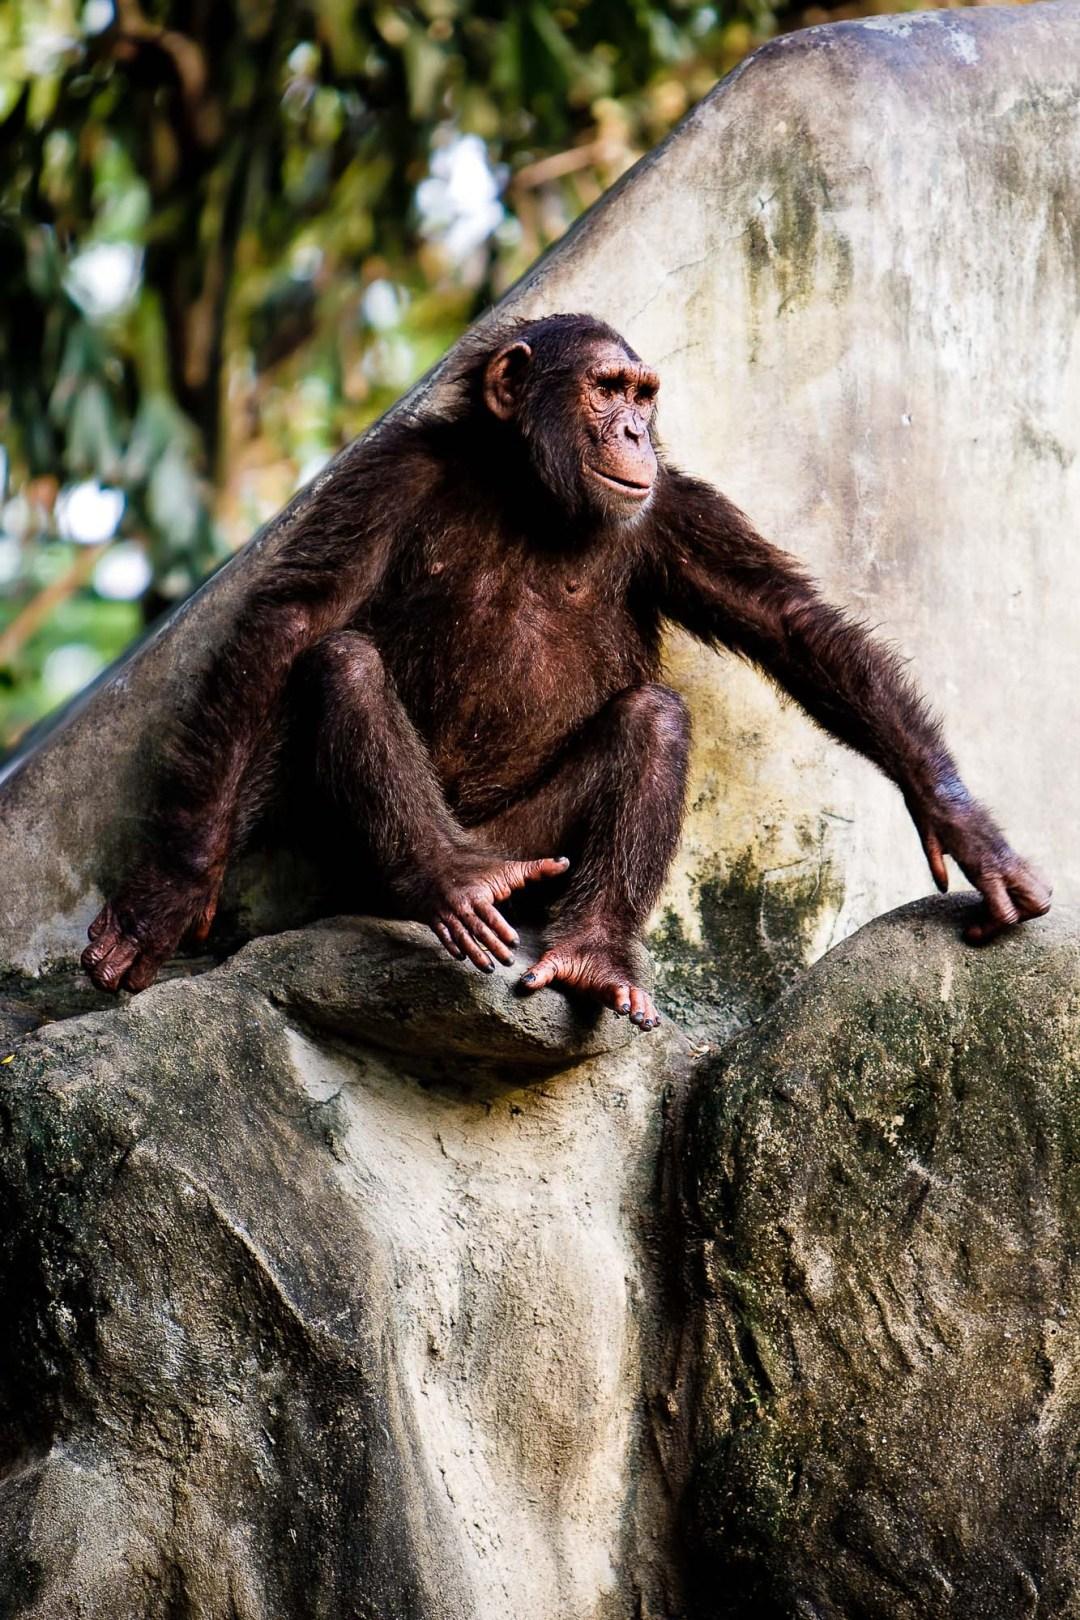 Monkey sitting on a rock | Dusit Zoo Bangkok Thailand